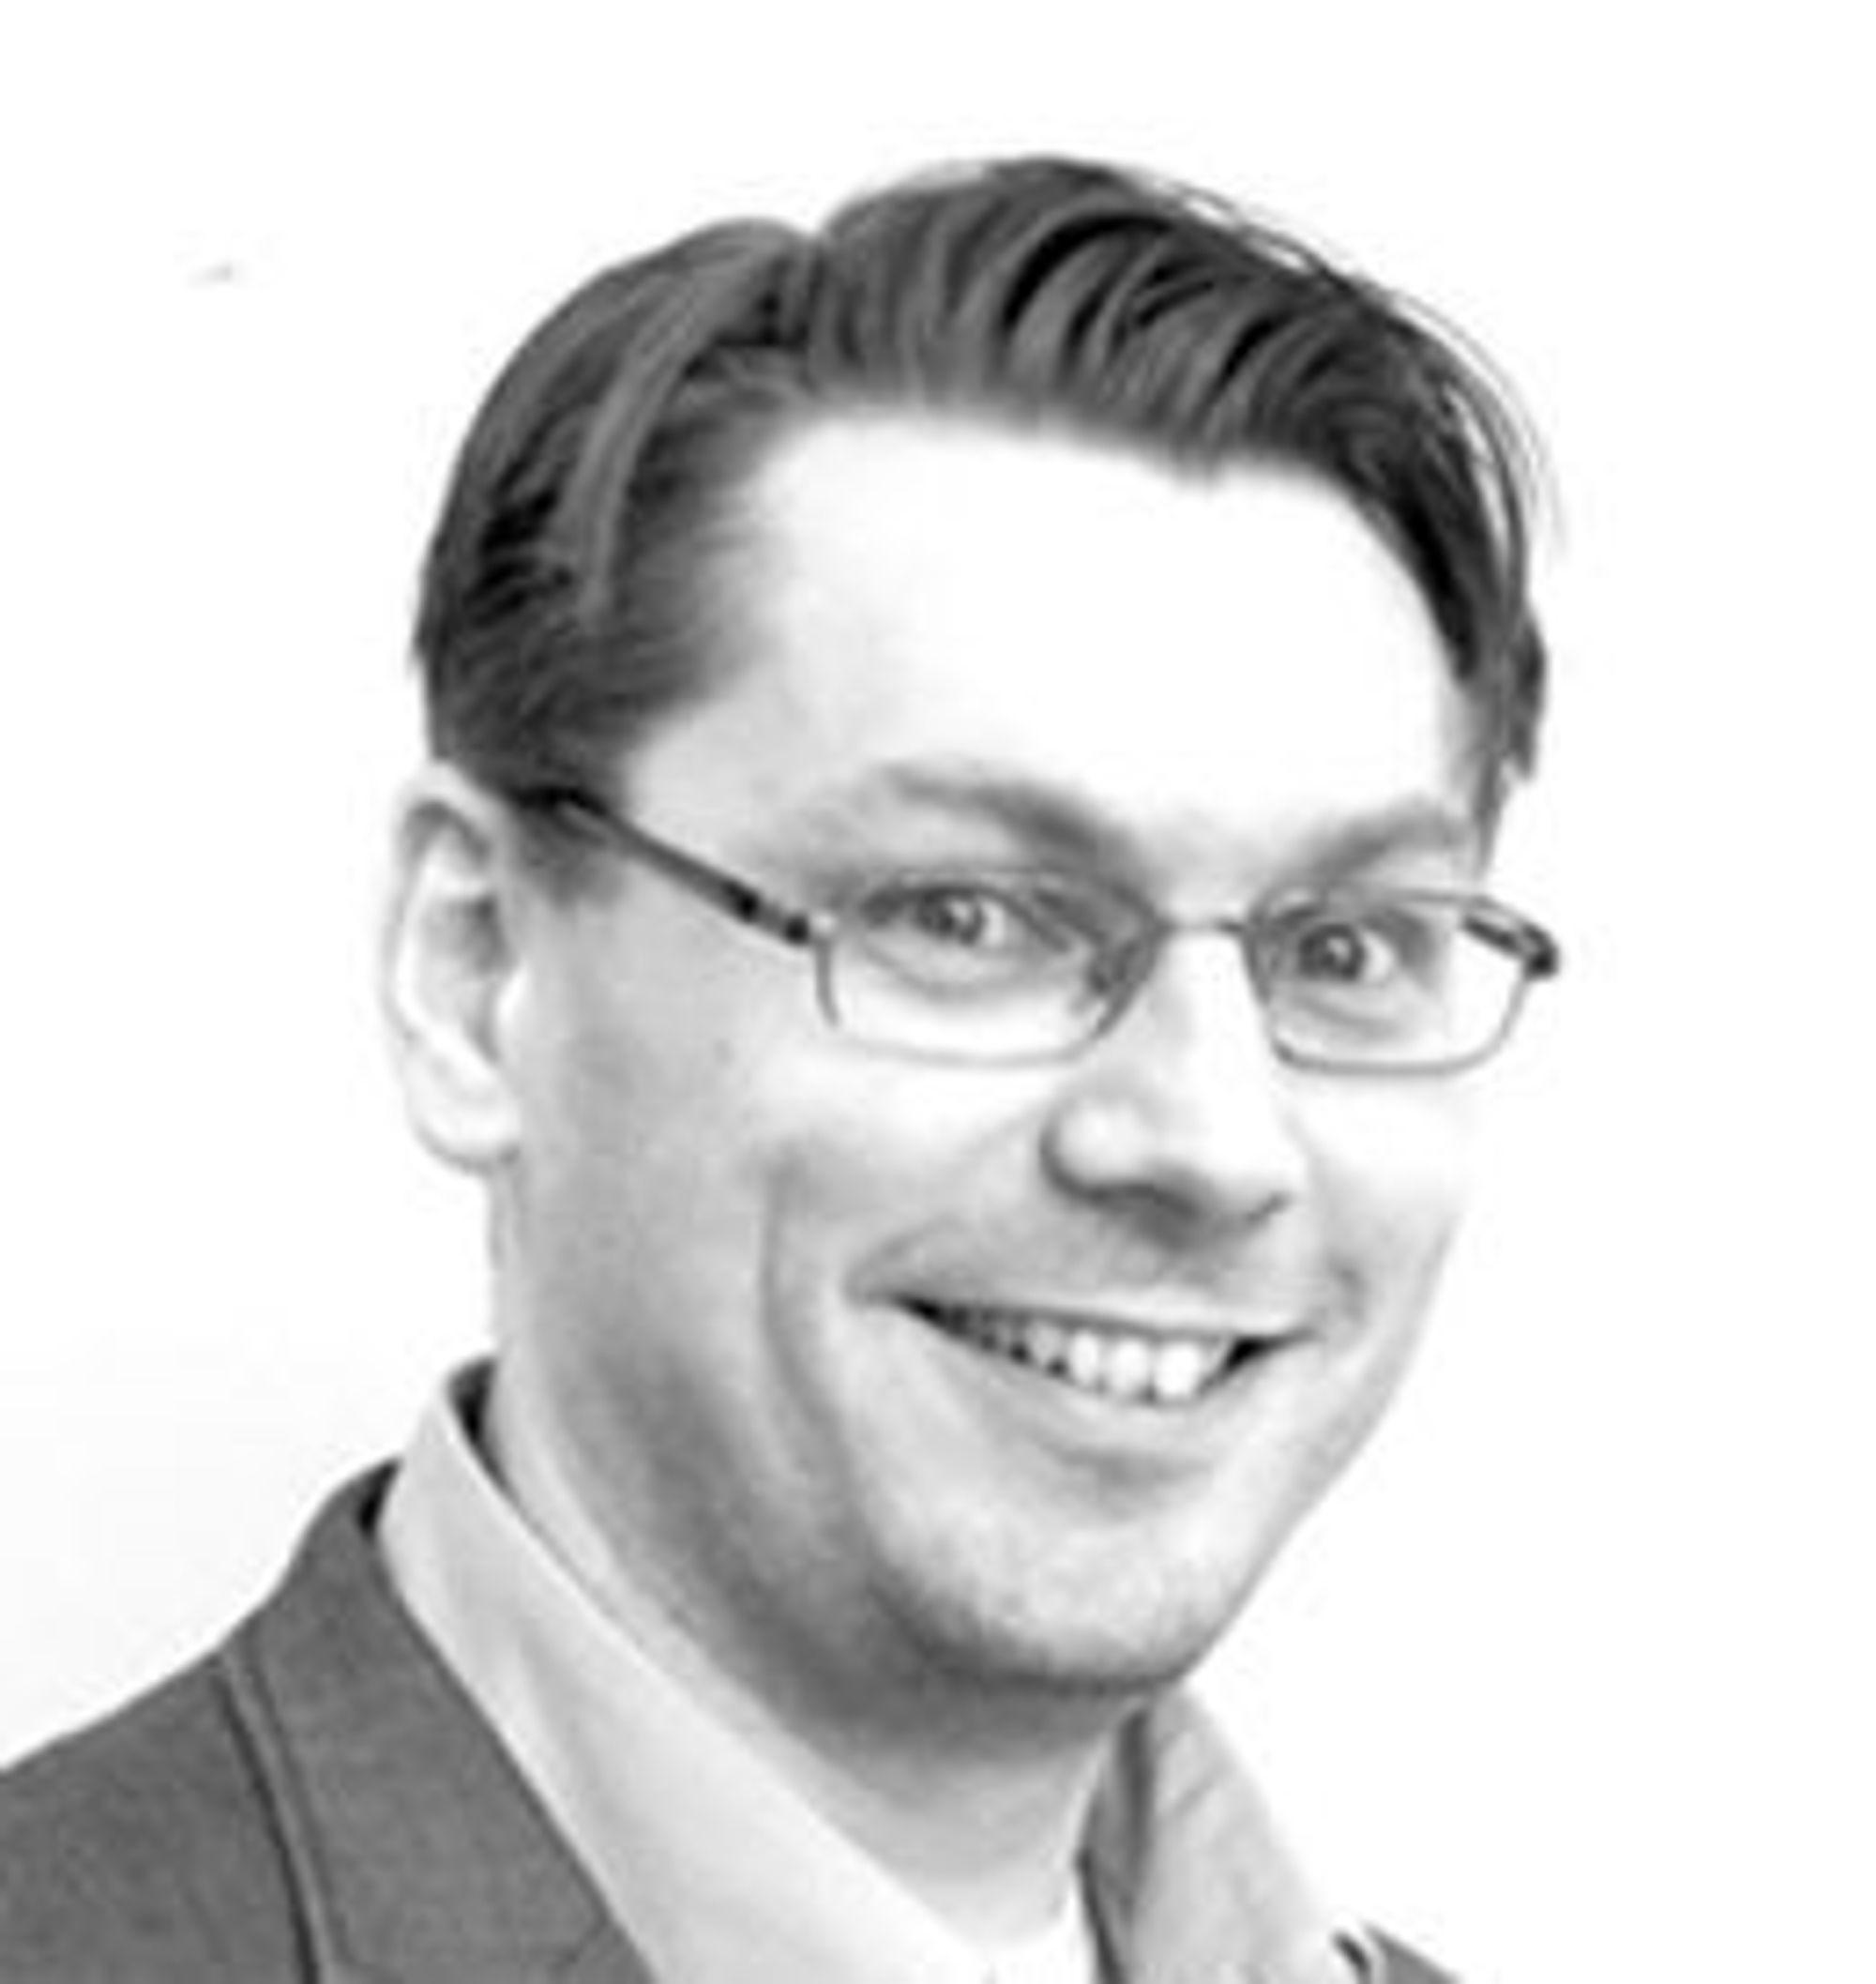 Daglig leder i INMA Kenneth Eriksen mener tallene viser styrken til digitale plattformer.